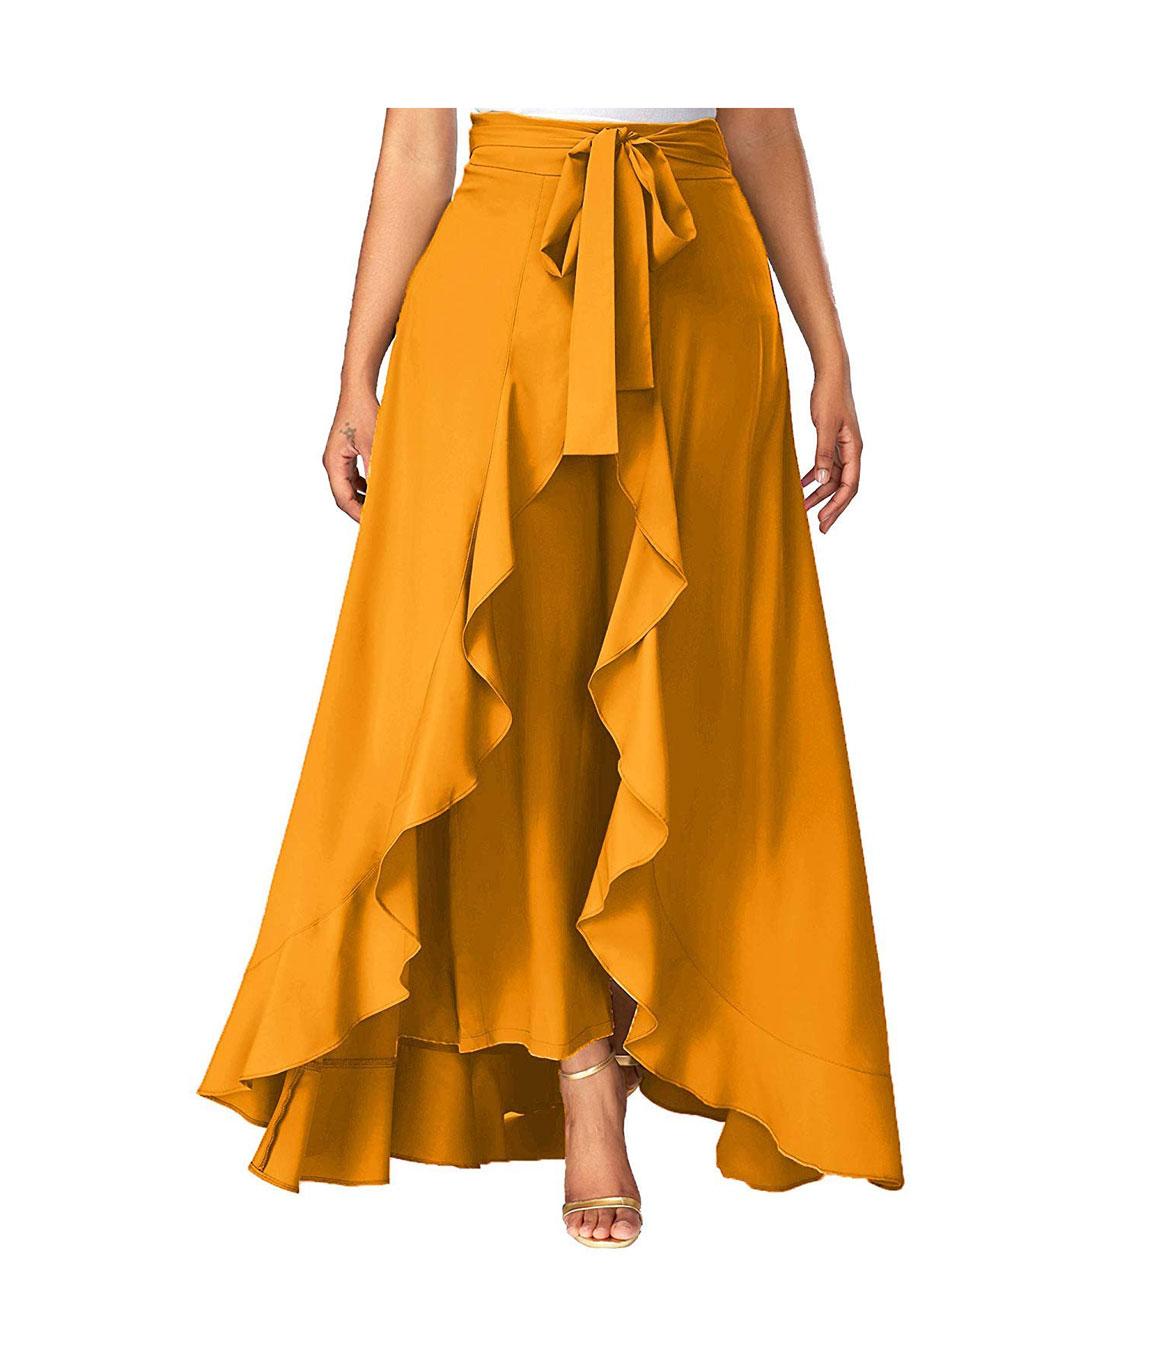 Women`s Layered/Ruffle Black Palazzo with One Waist Tie Band(yellow)